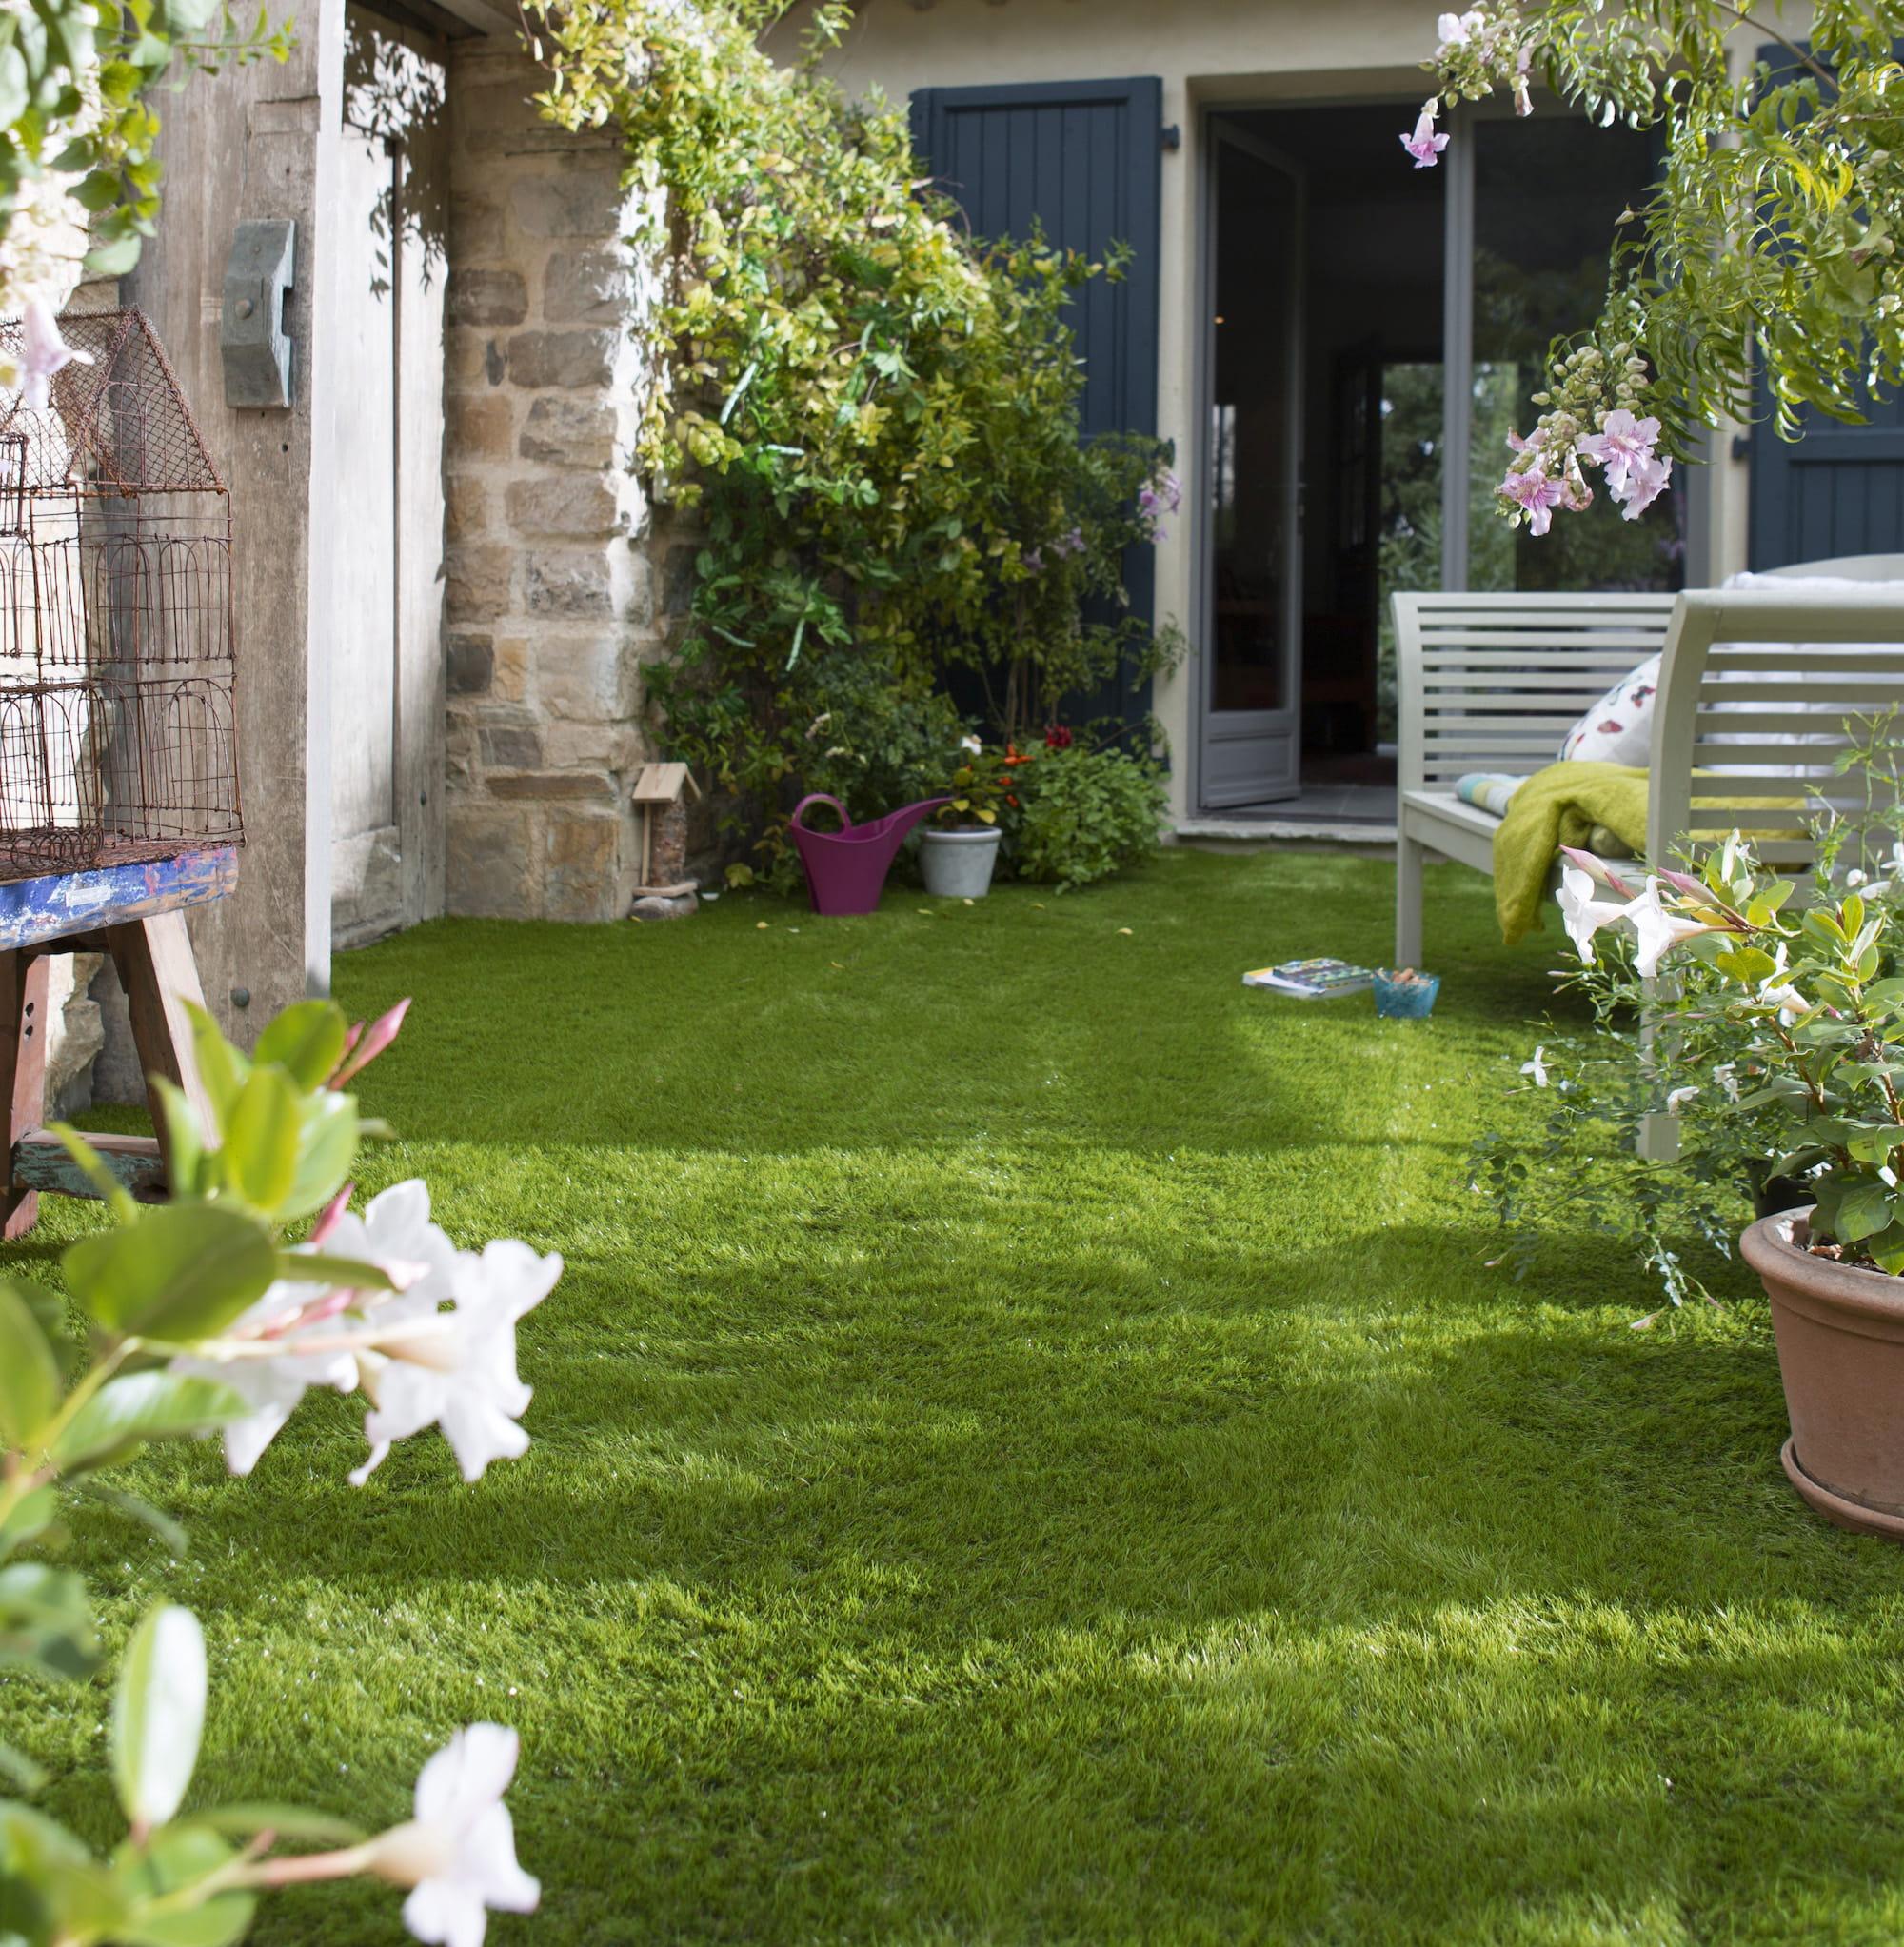 bien choisir son gazon synth tique pour le balcon ou la terrasse. Black Bedroom Furniture Sets. Home Design Ideas